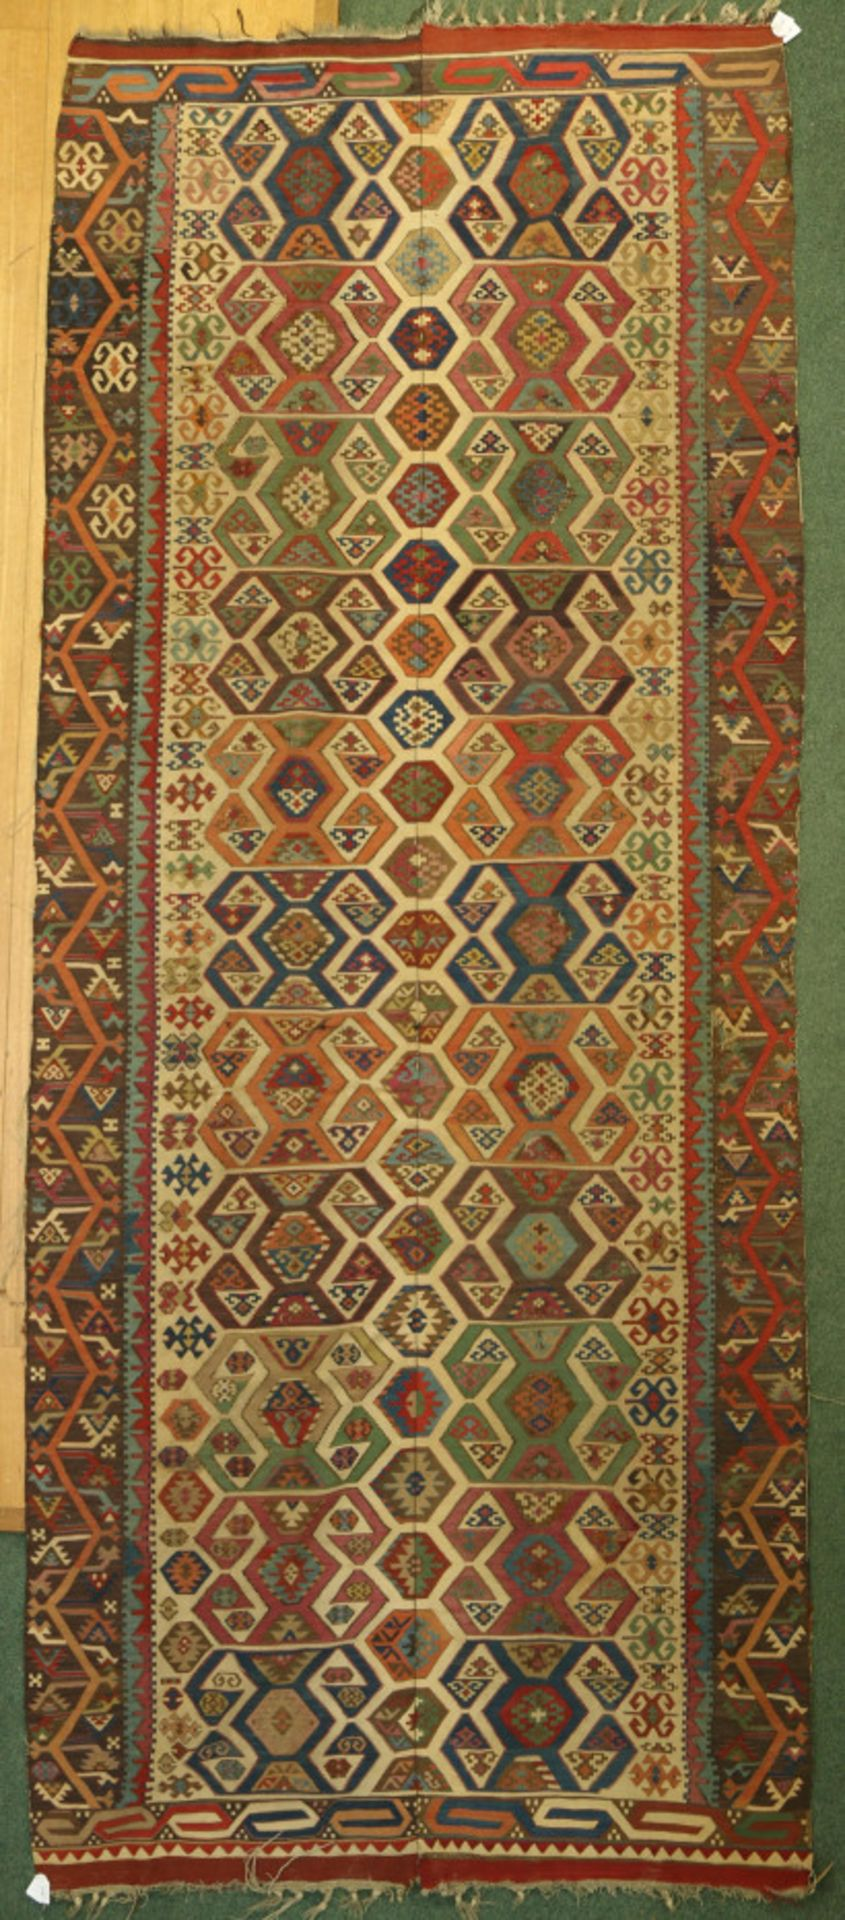 Antiek Anatolisch kelim kleed, eerste helft 19de eeuw